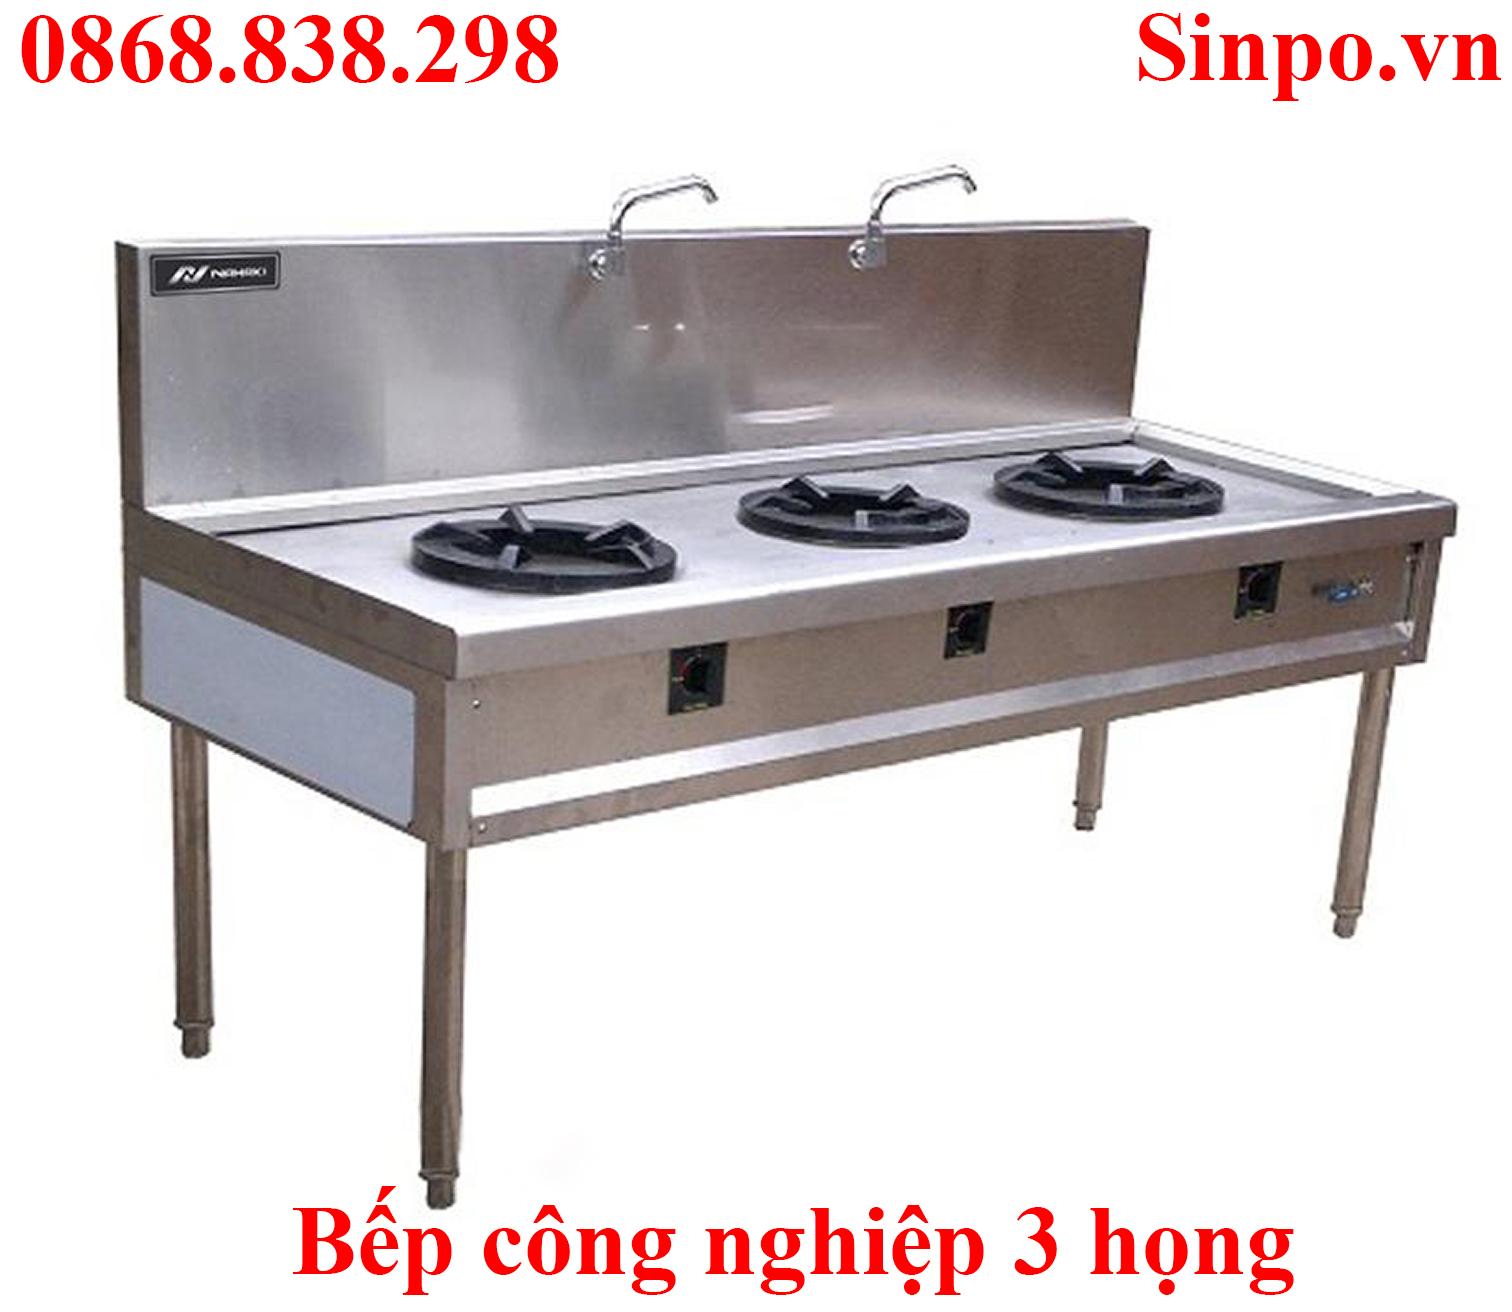 Bếp công nghiệp 3 họng nhà hàng tại Hà Nội